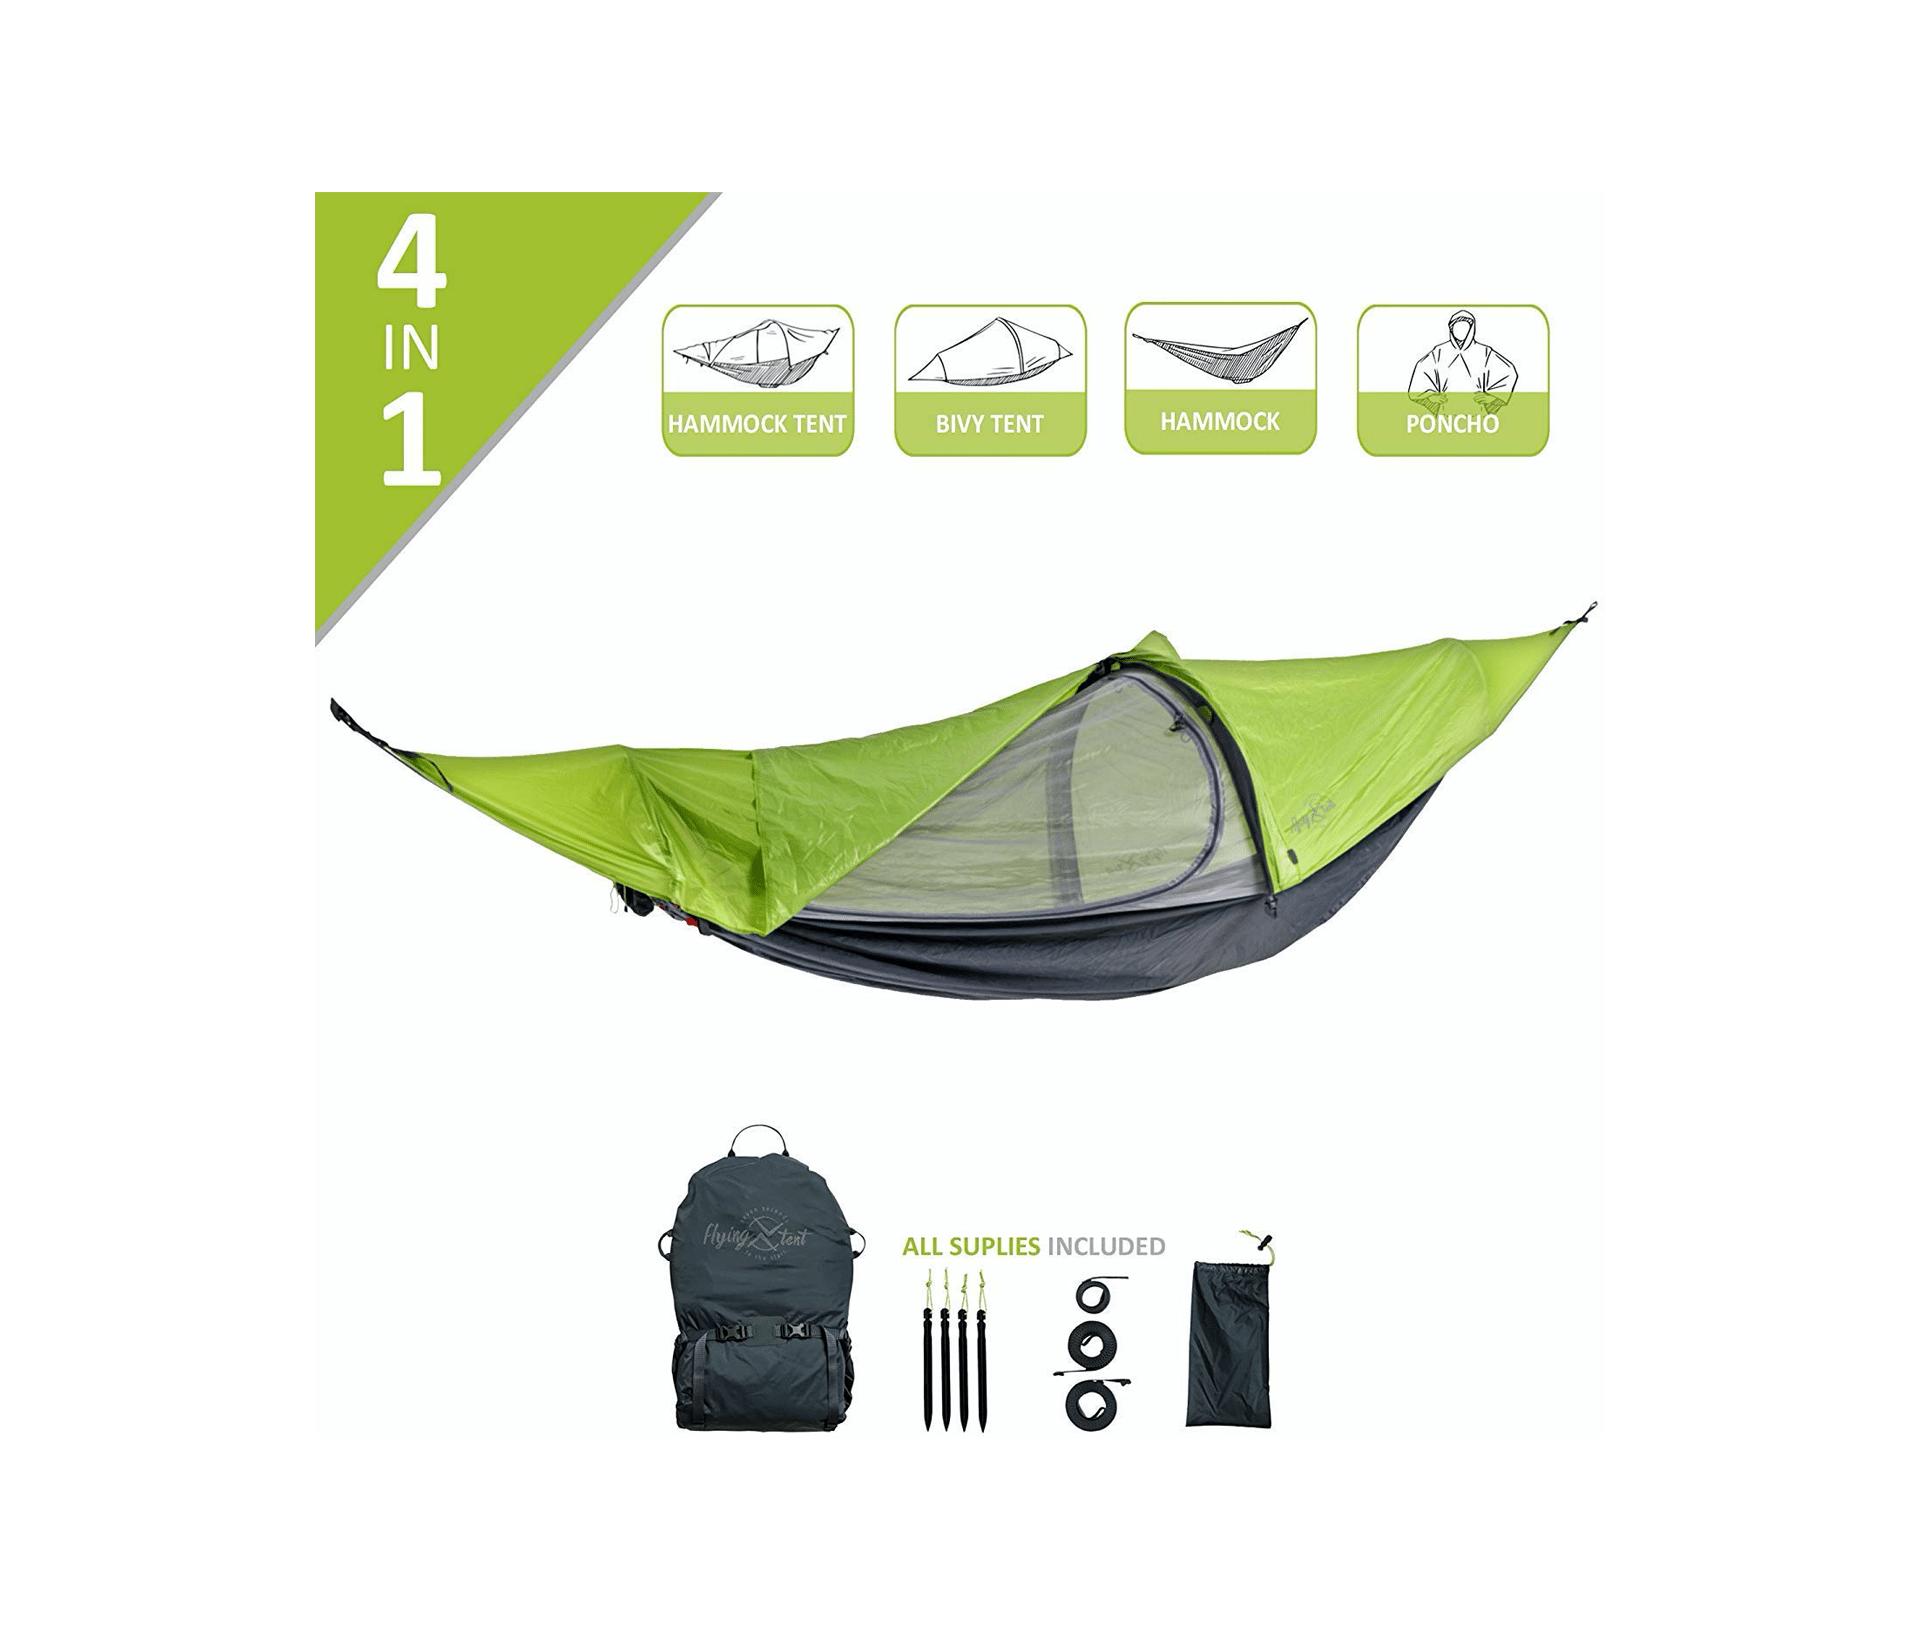 Flying Tent: Unique Hammock Tent